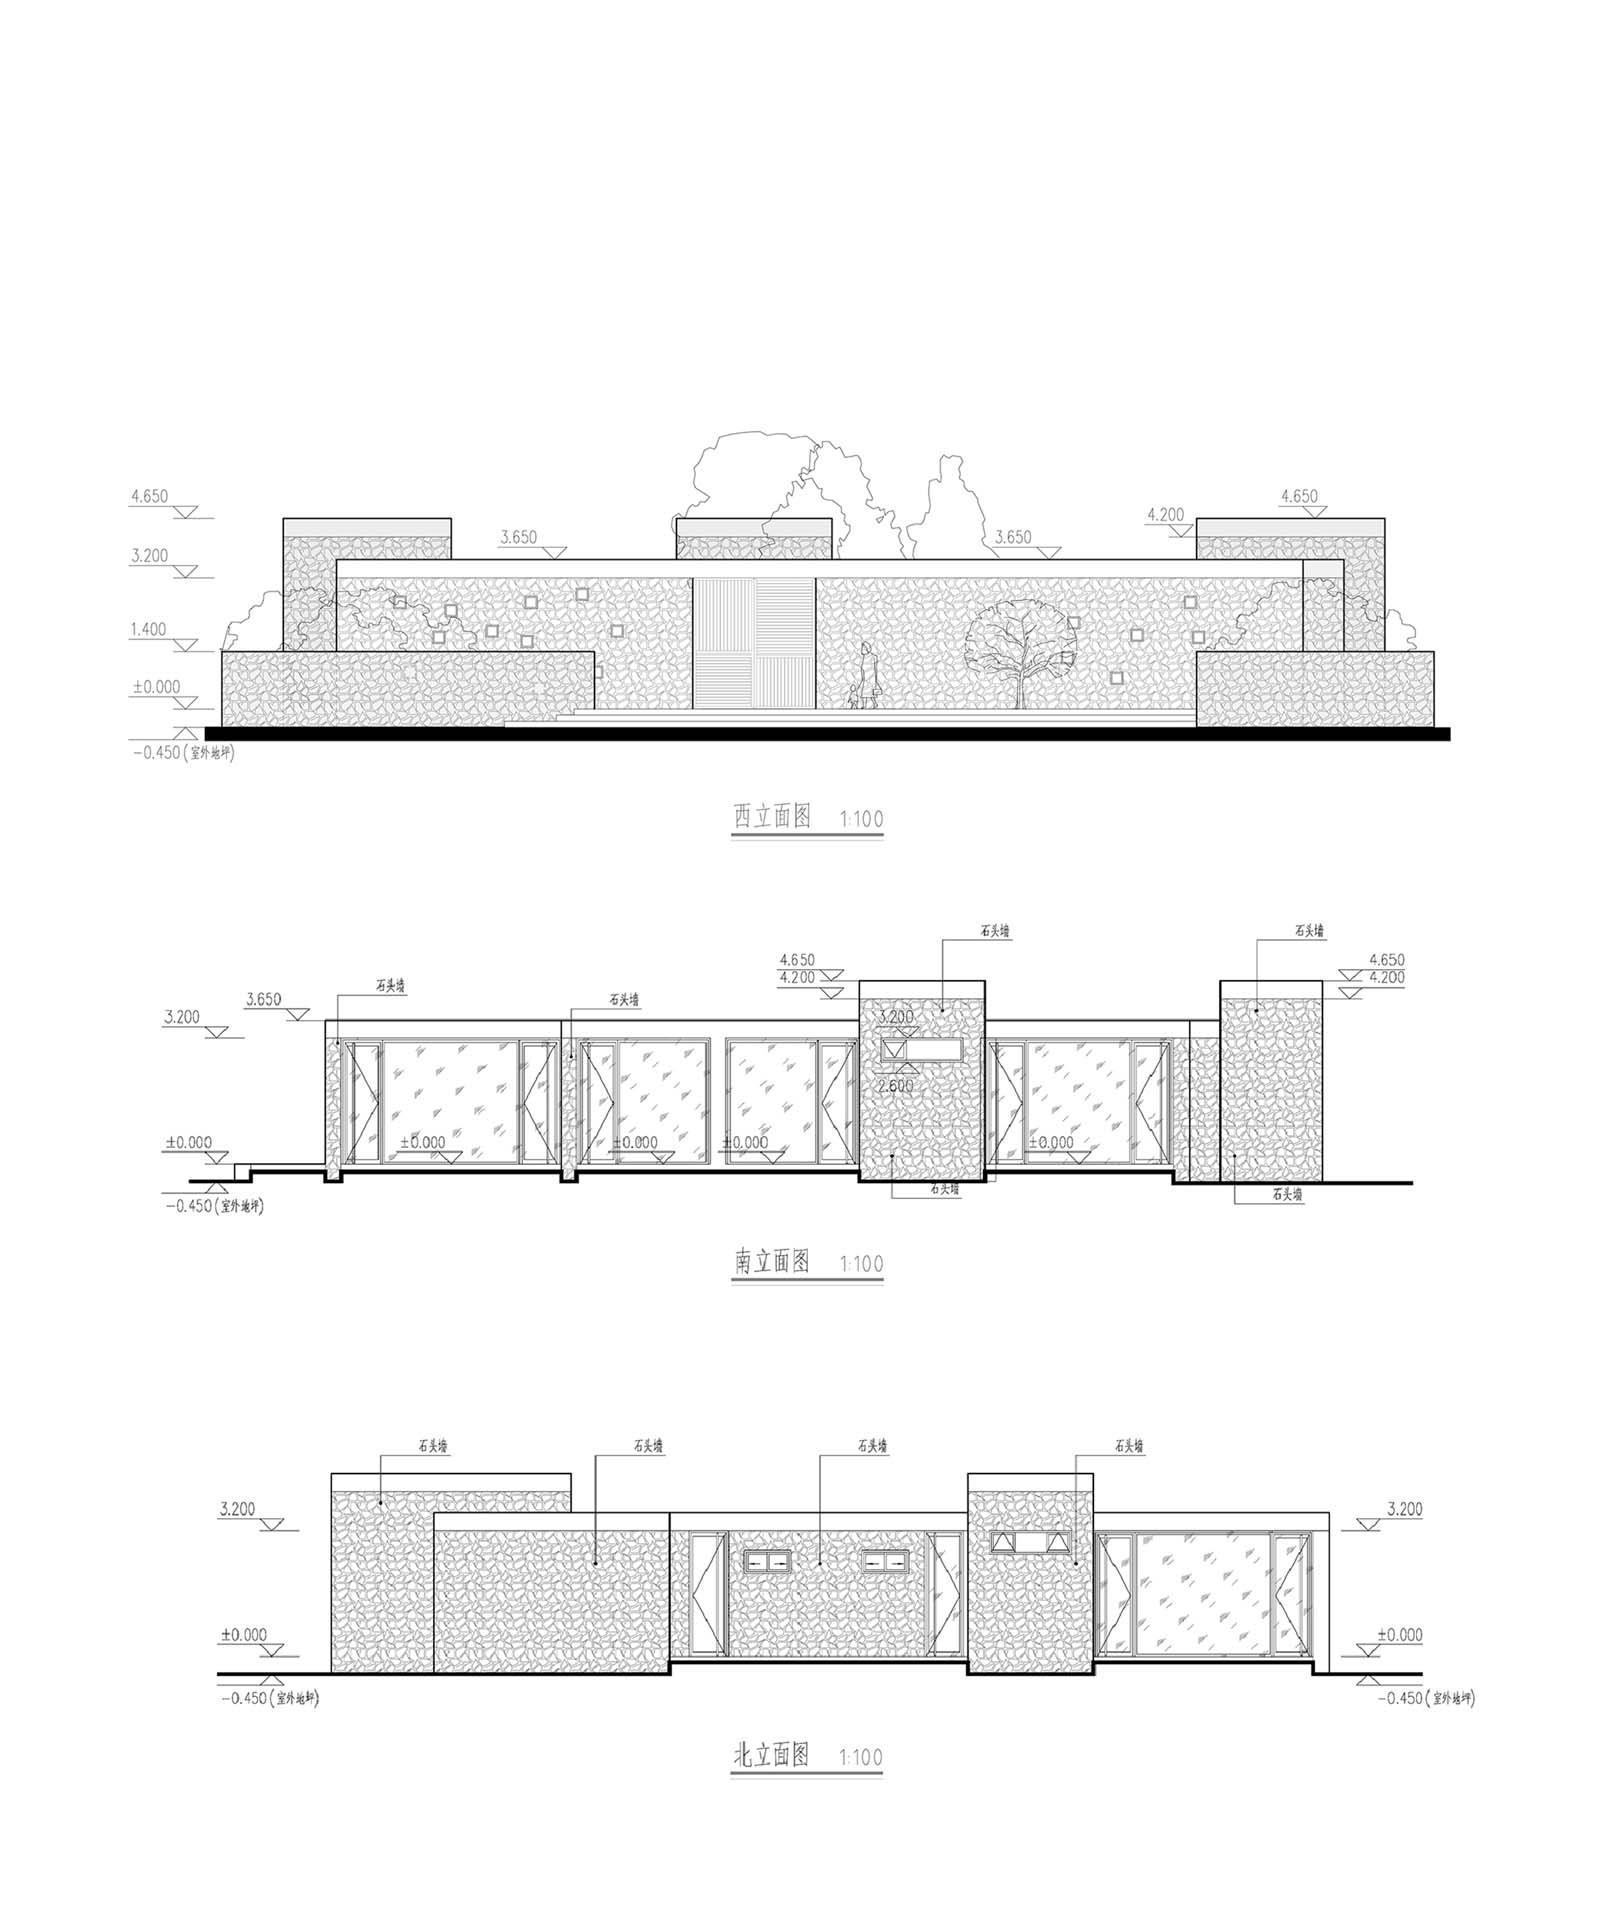 山东 磐舍 建筑设计 / DK大可建筑设计